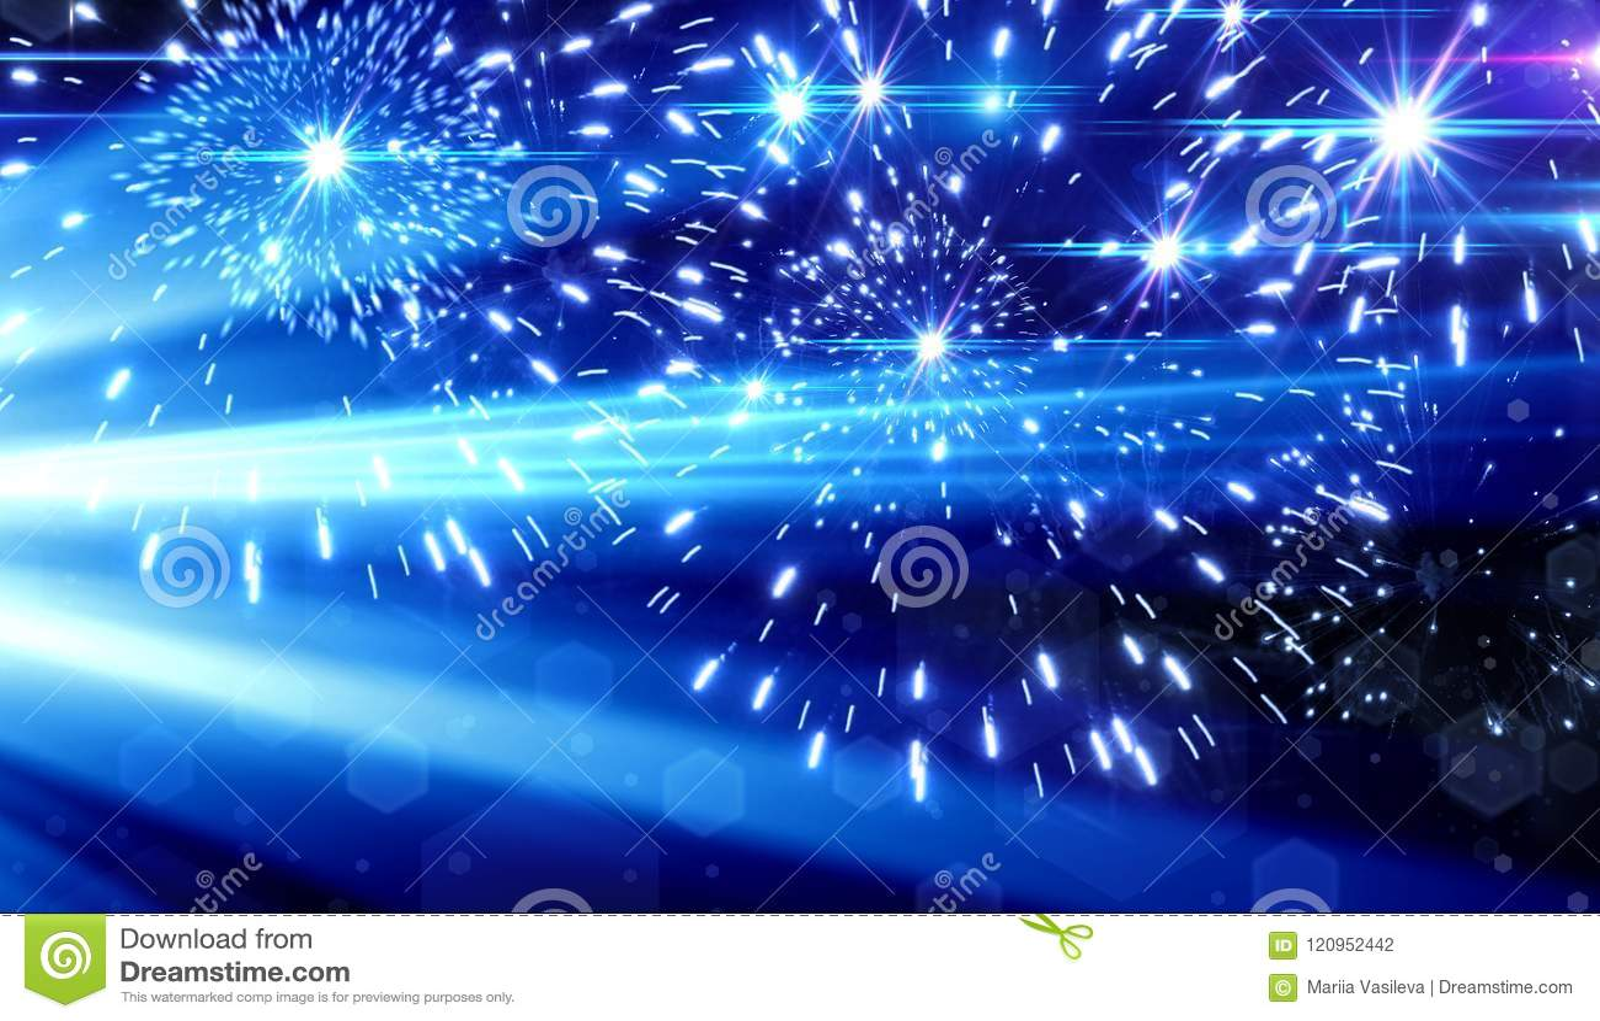 Blå ljus effekt på svart bakgrund, laserstrålar, pråligt ljus,